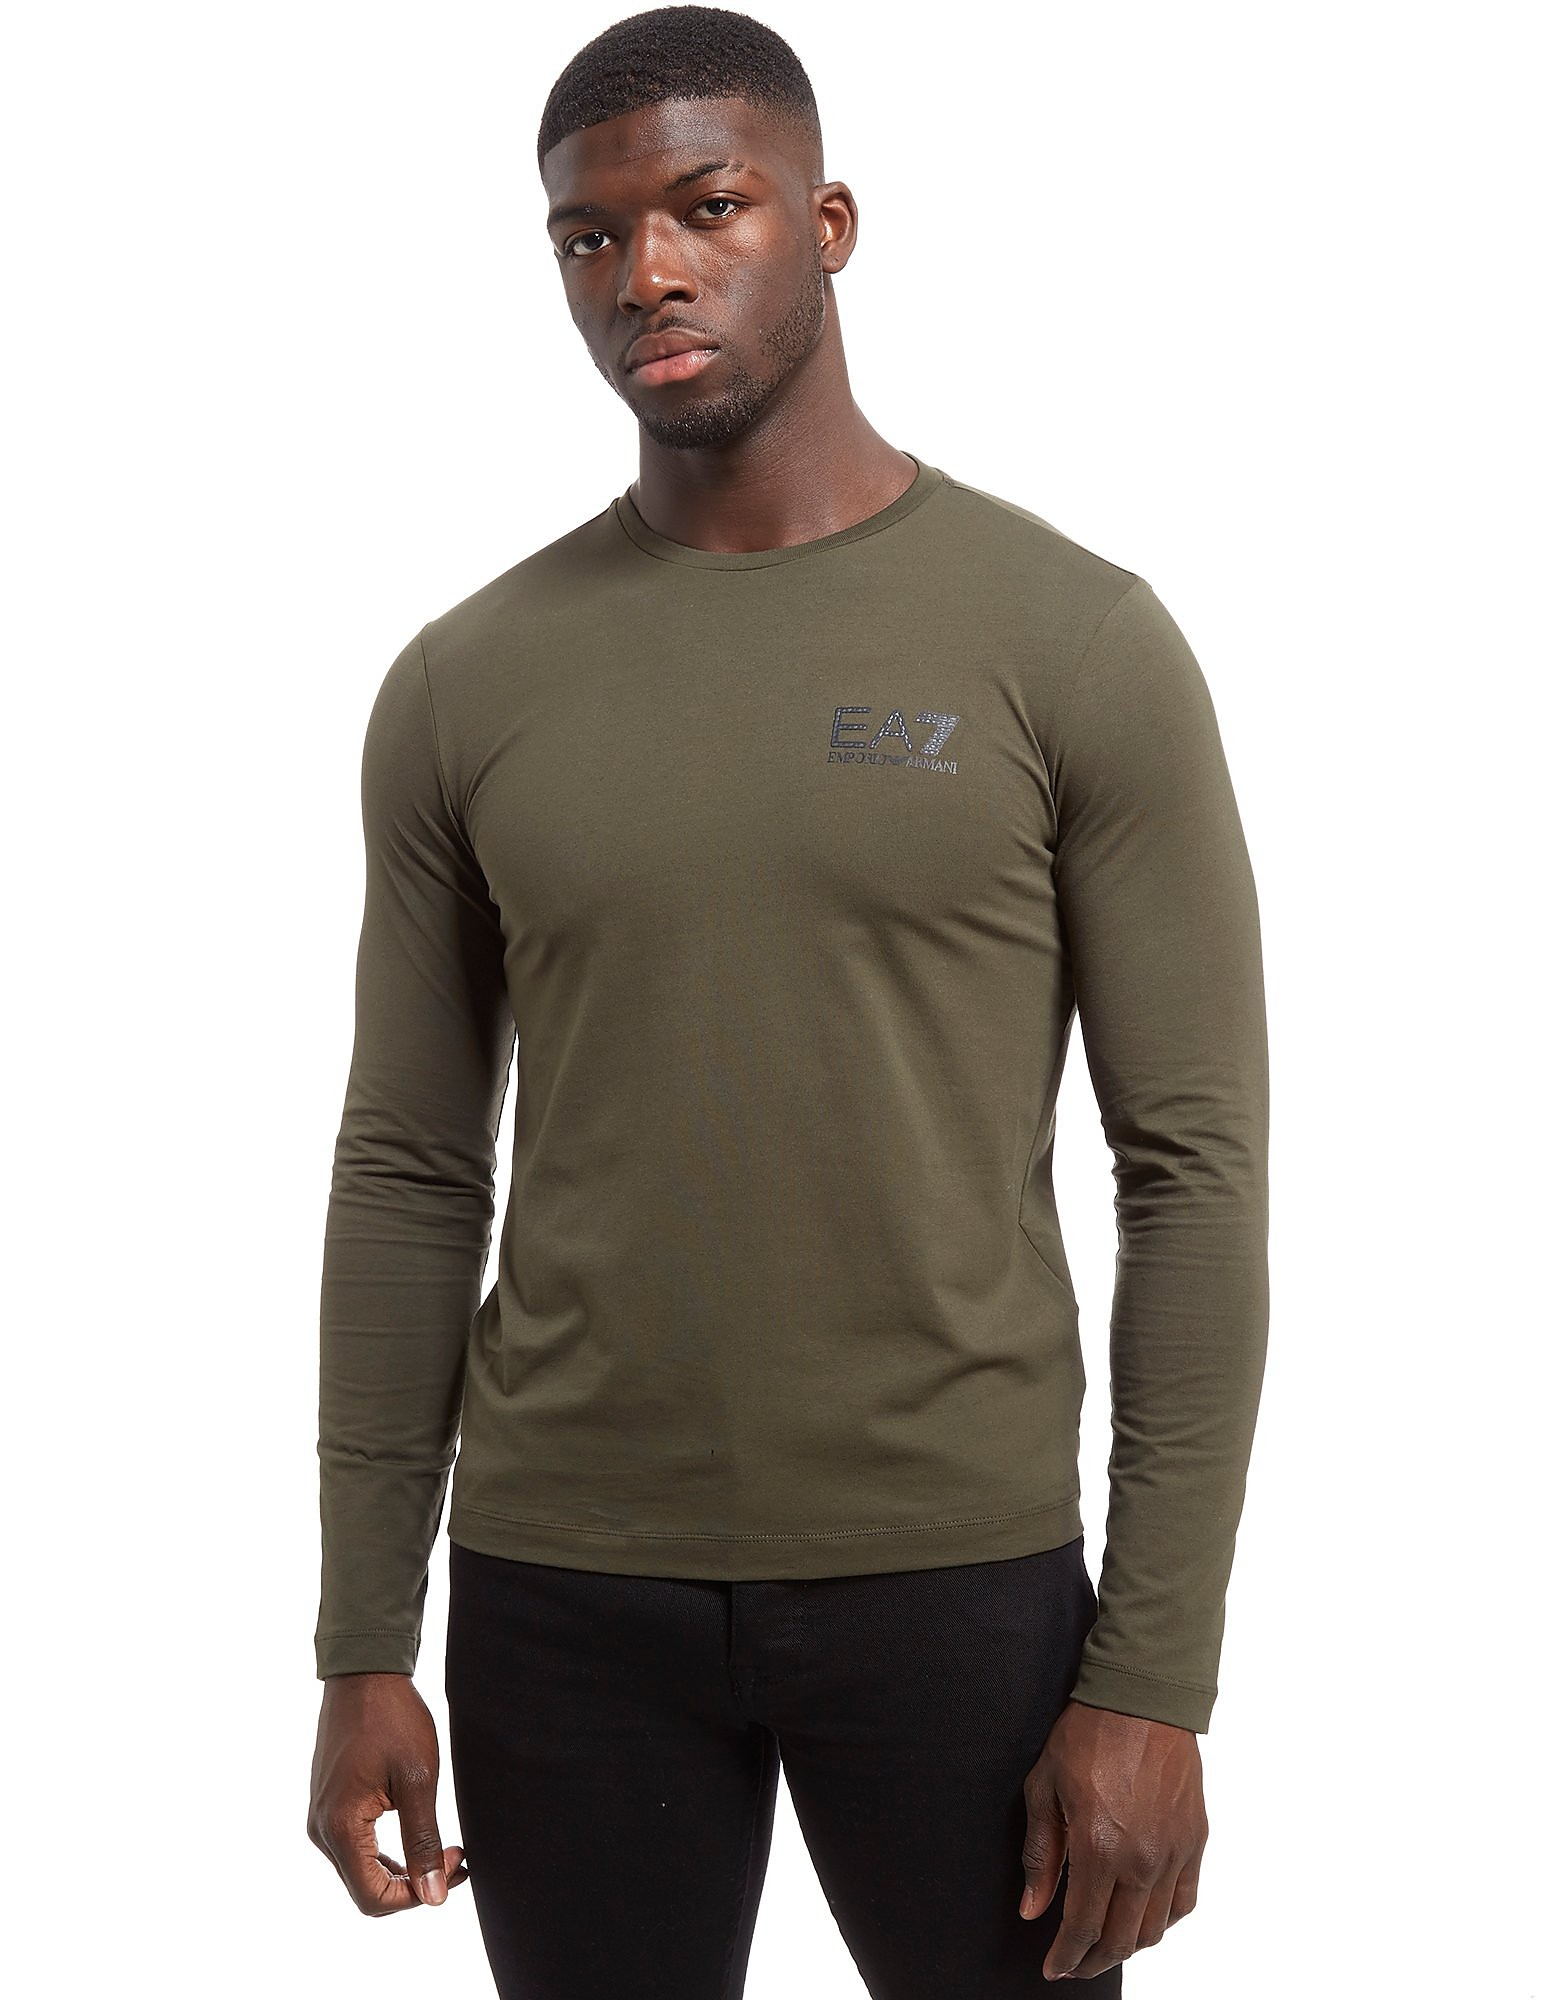 Emporio Armani EA7 Carbon Back Print Long Sleeve T-Shirt